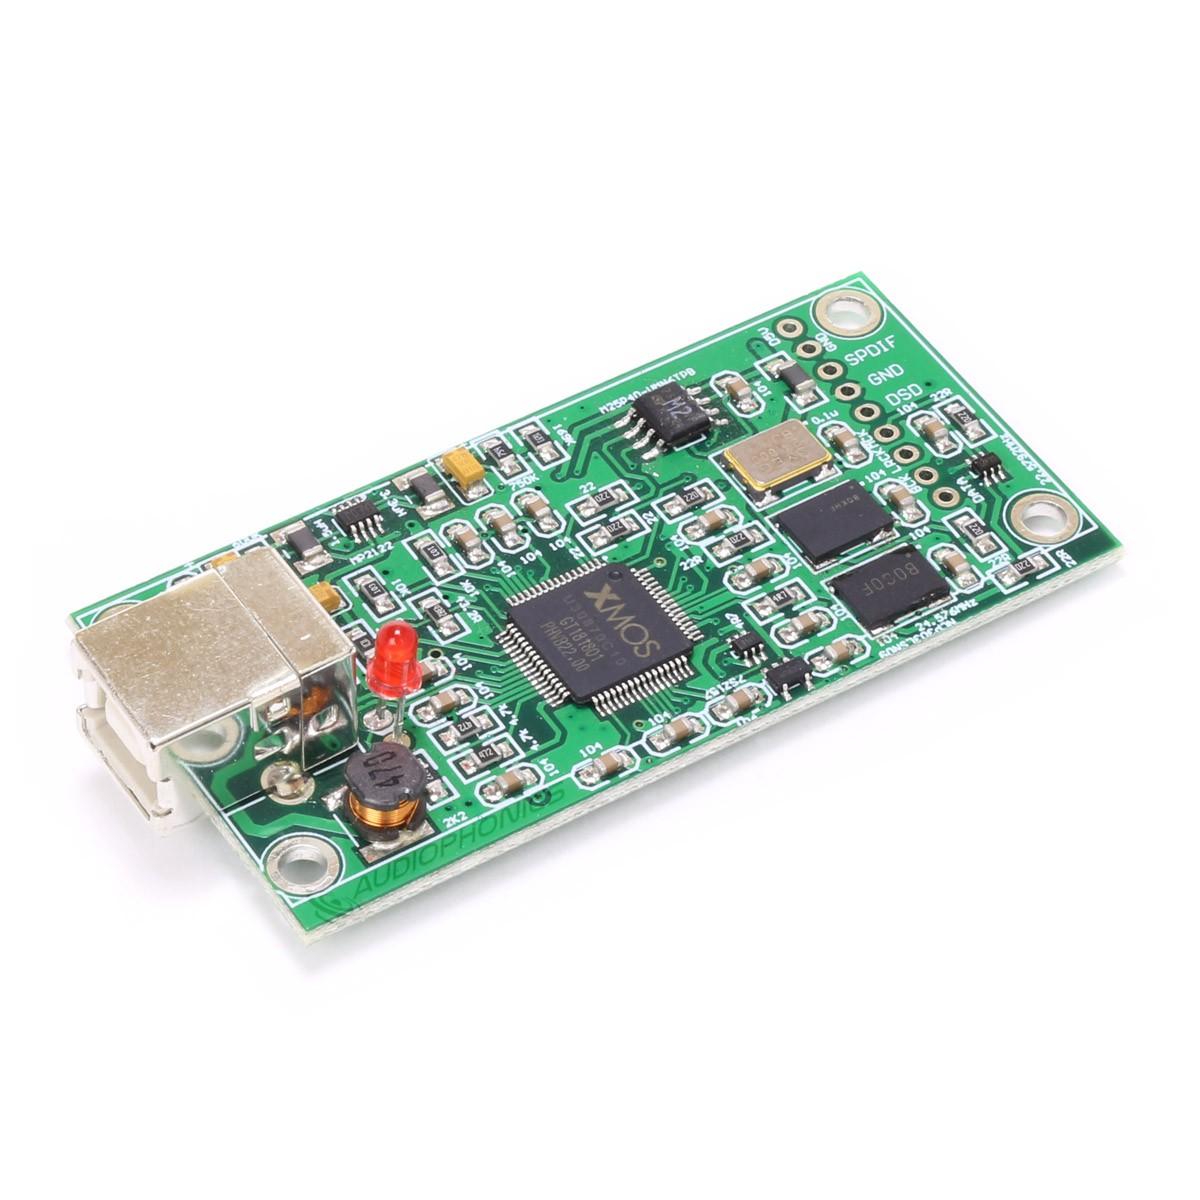 XMOS U208 Digital Interface USB to I2S / SPDIF 32bit/384khz